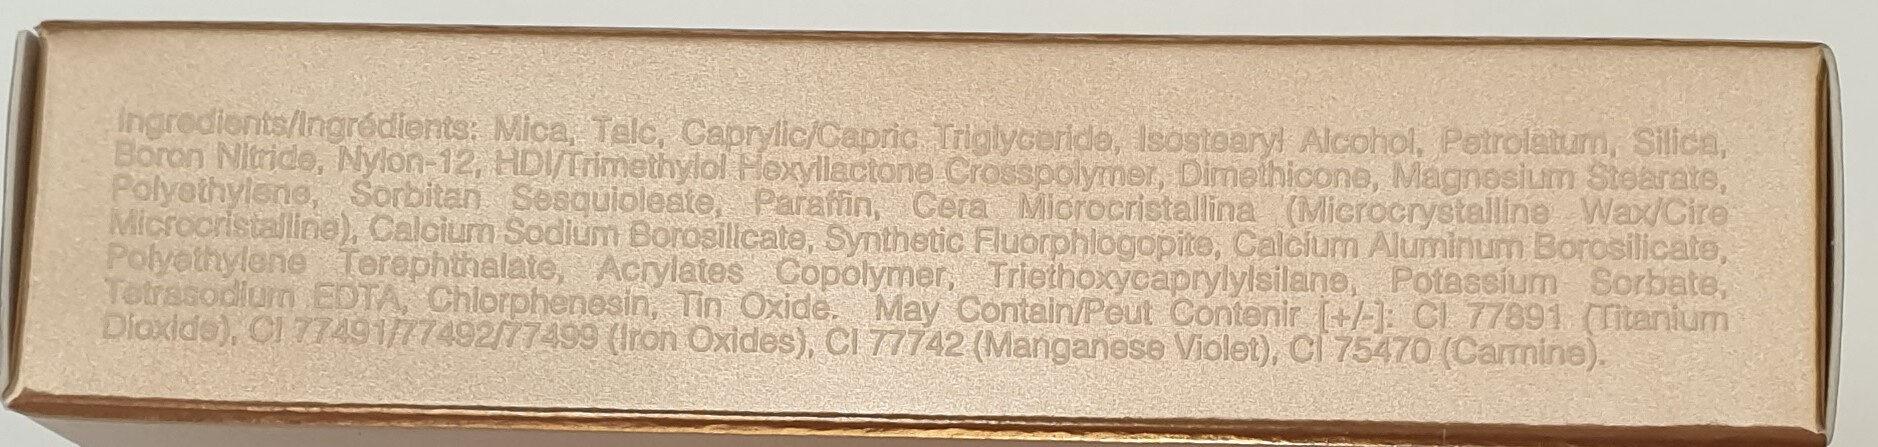 Shimmering Skin Perfector(R) Pressed - Ingredients - de